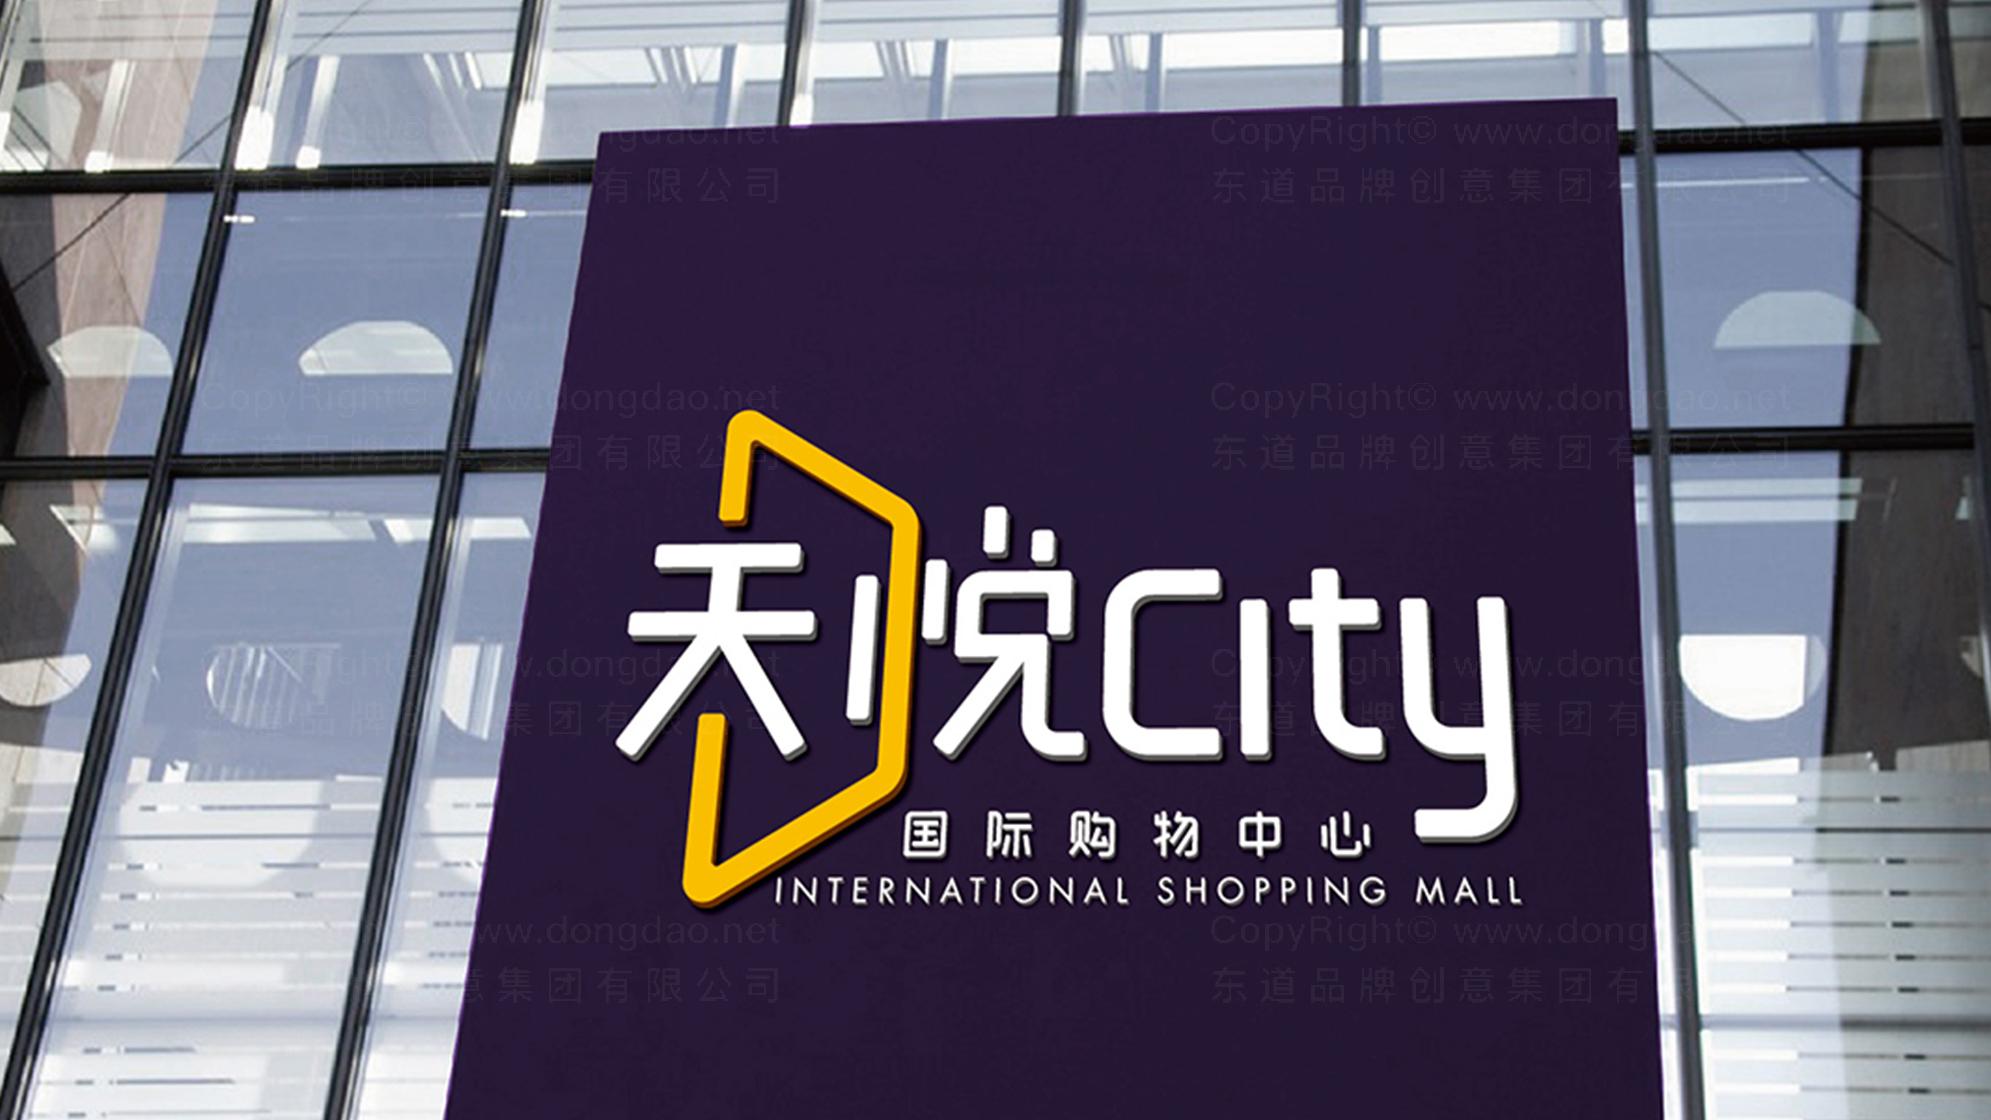 品牌设计天悦购物中心LOGO&VI设计应用场景_2